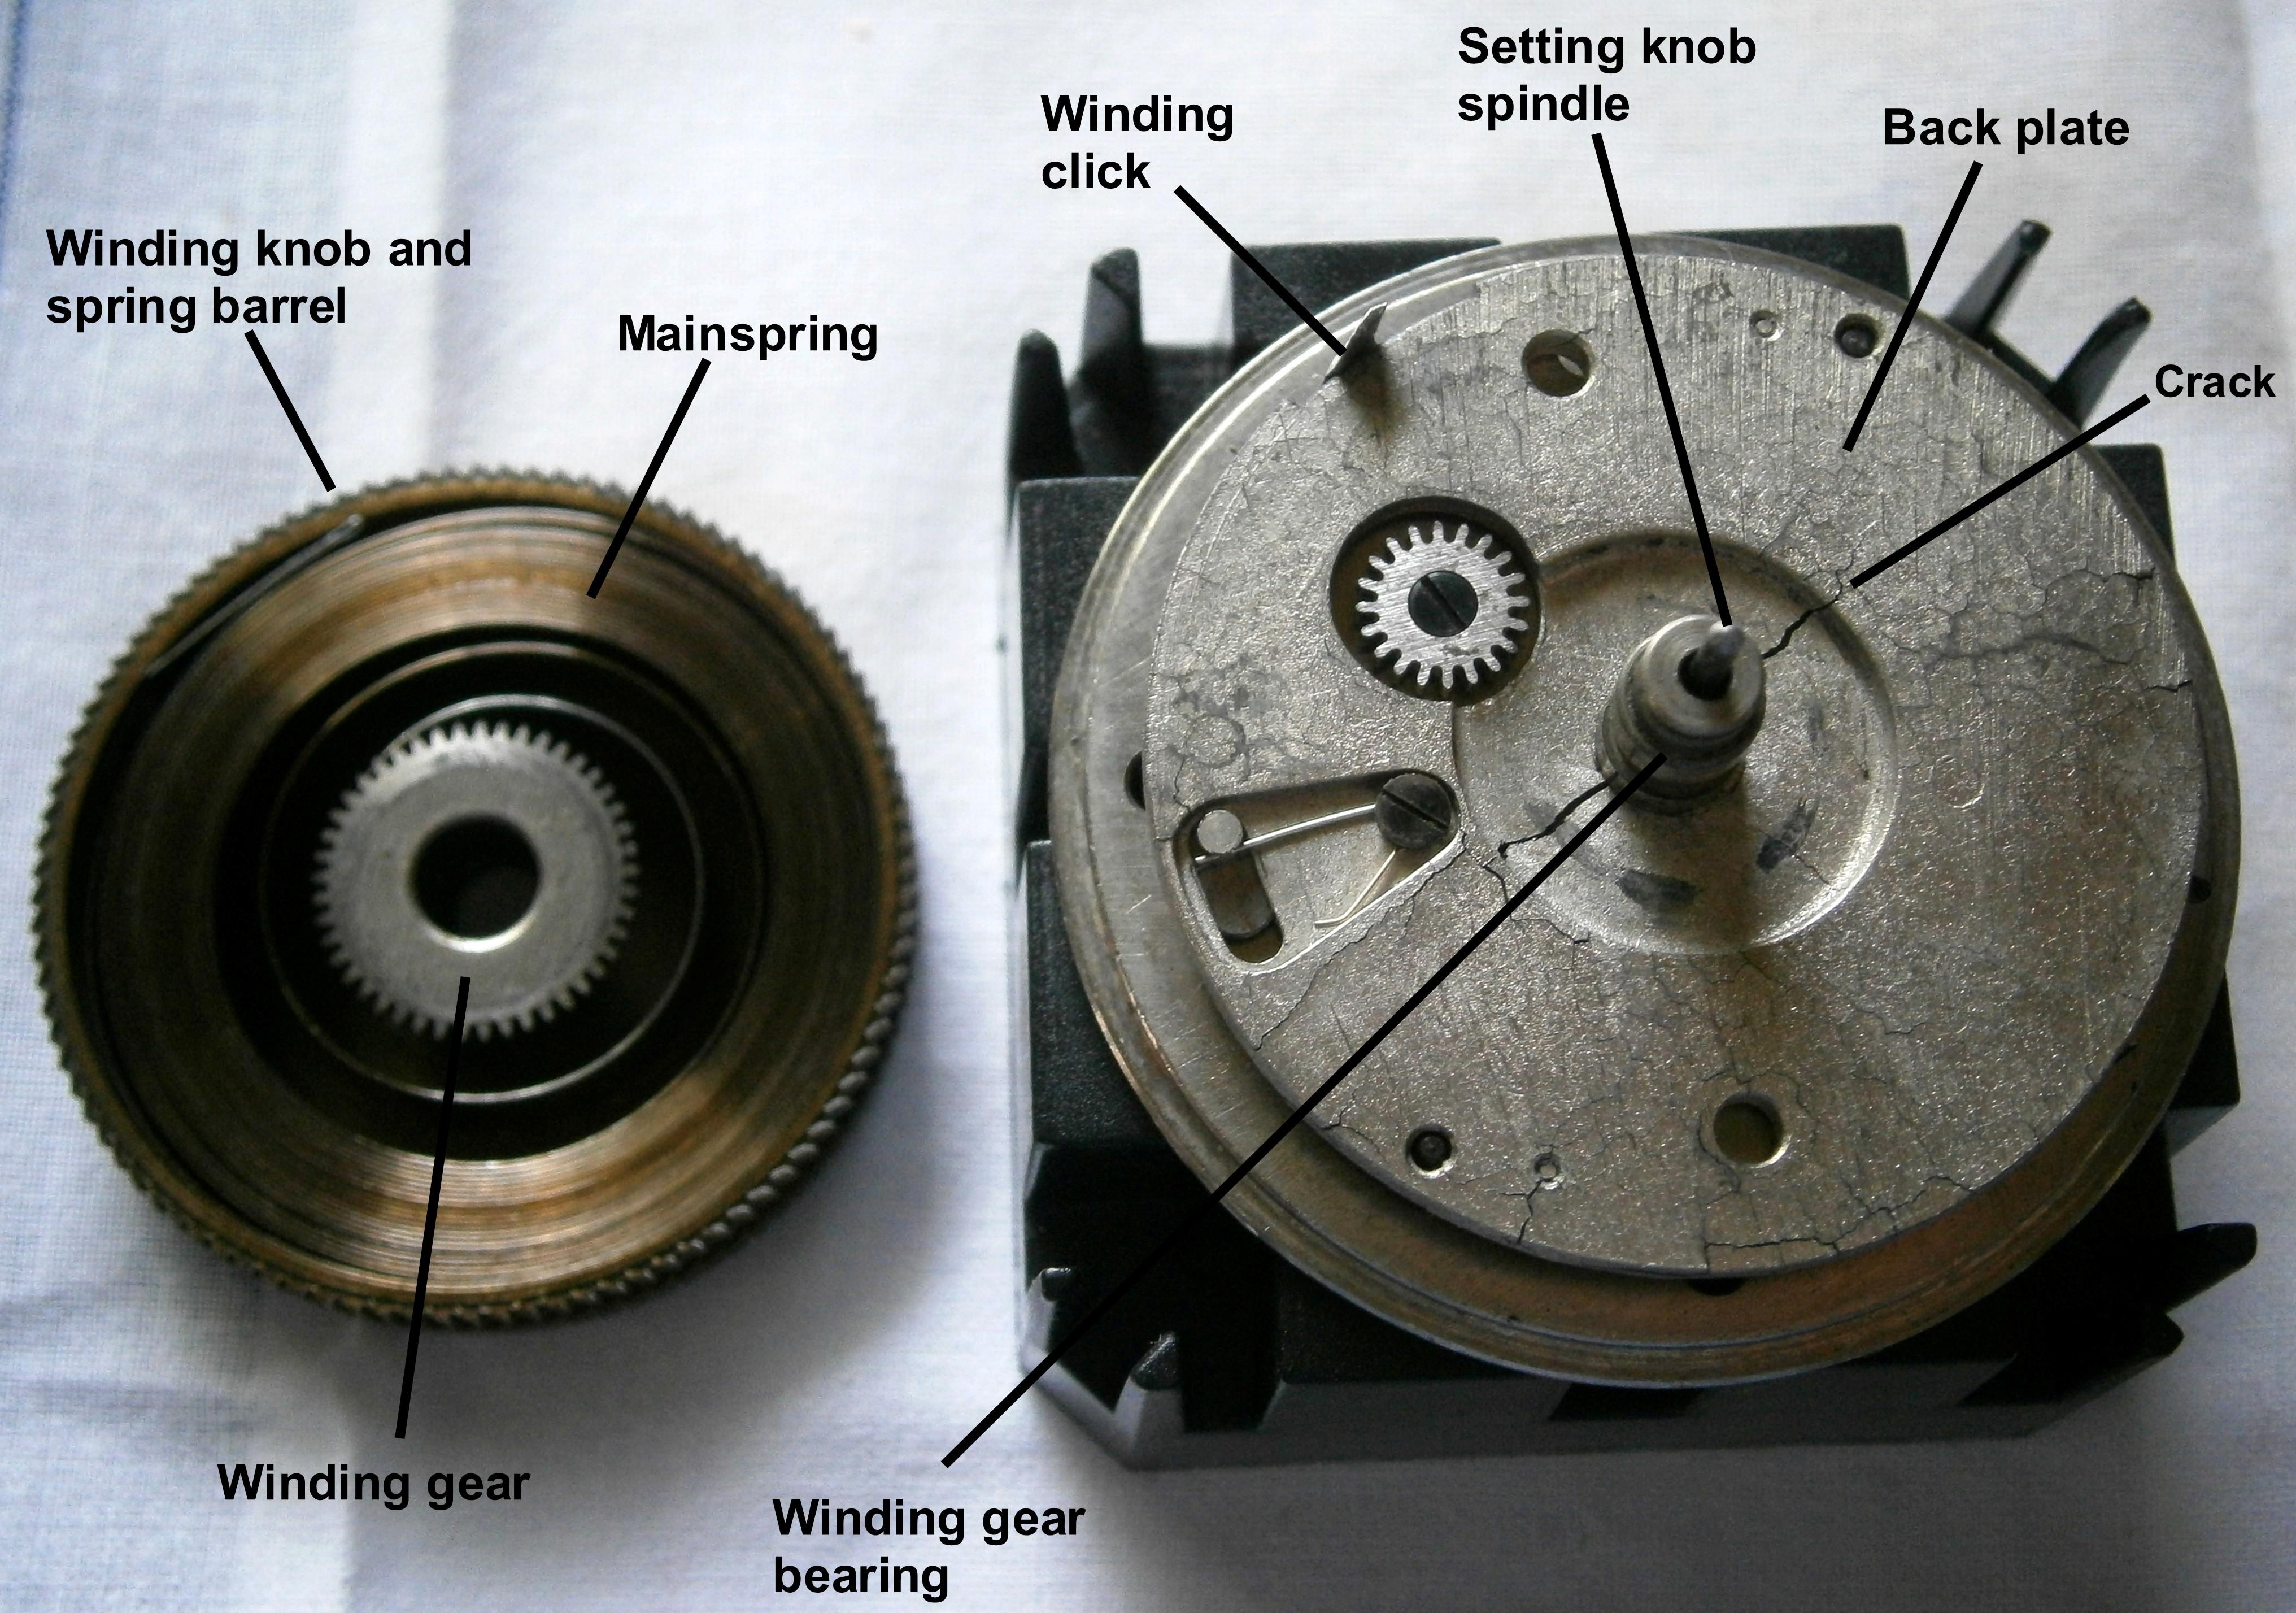 Figure 7: Winding gear detail.